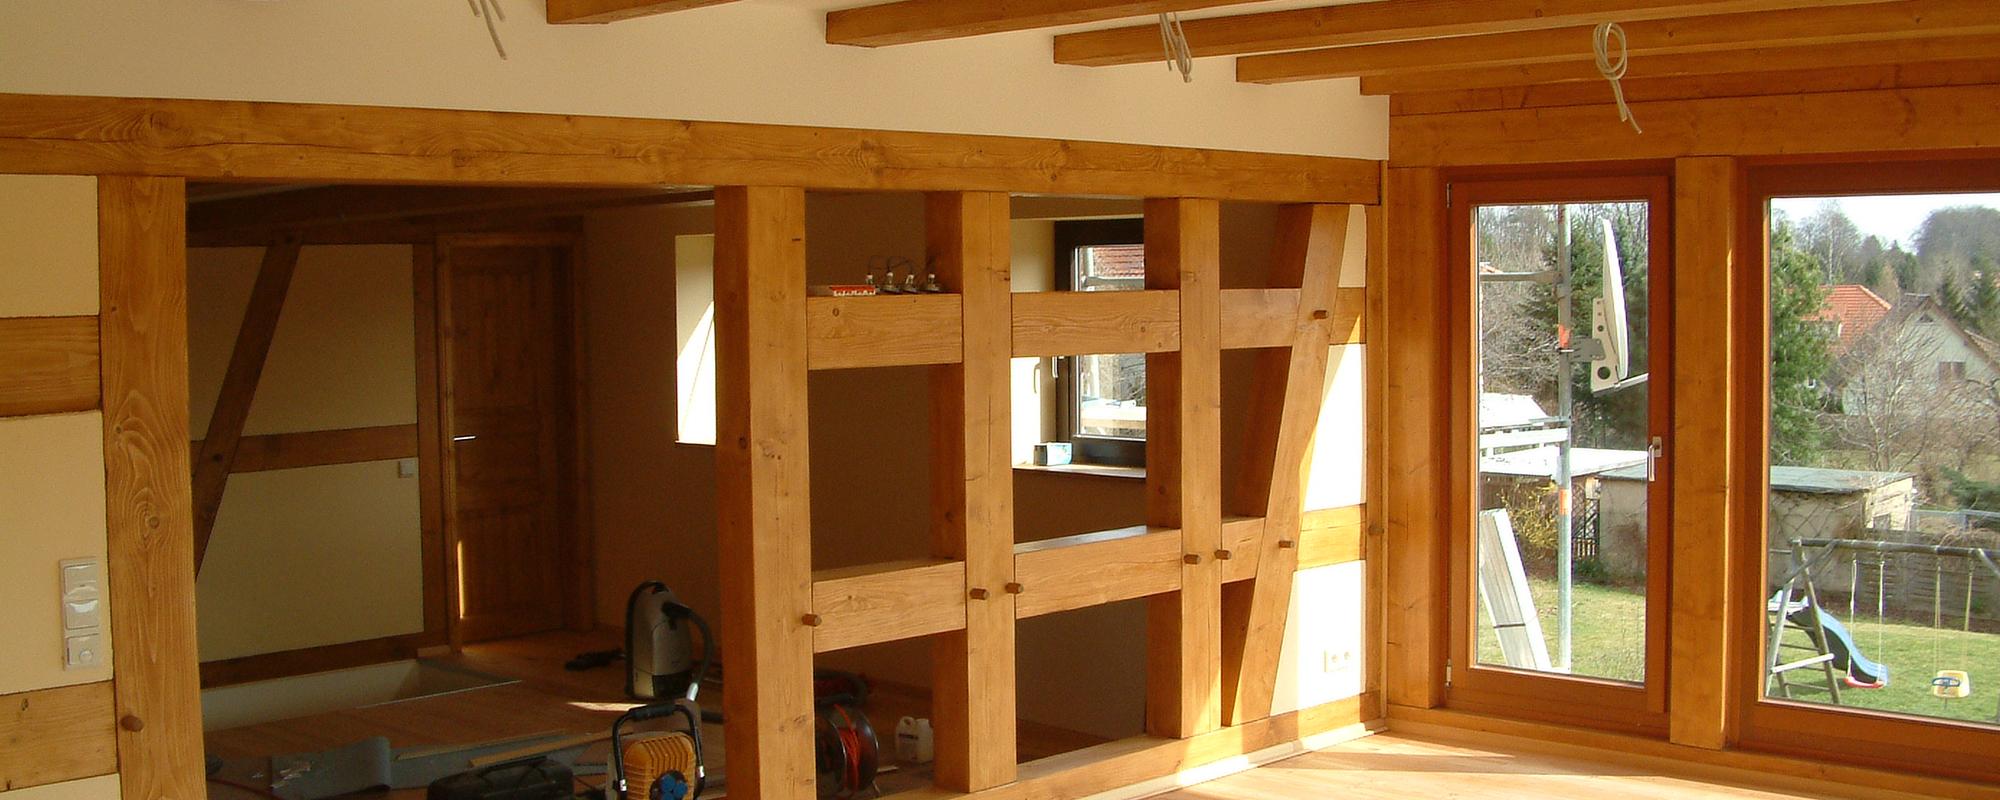 innenausbau enrico jentsch nat rlich sch ner wohnen mit holz. Black Bedroom Furniture Sets. Home Design Ideas